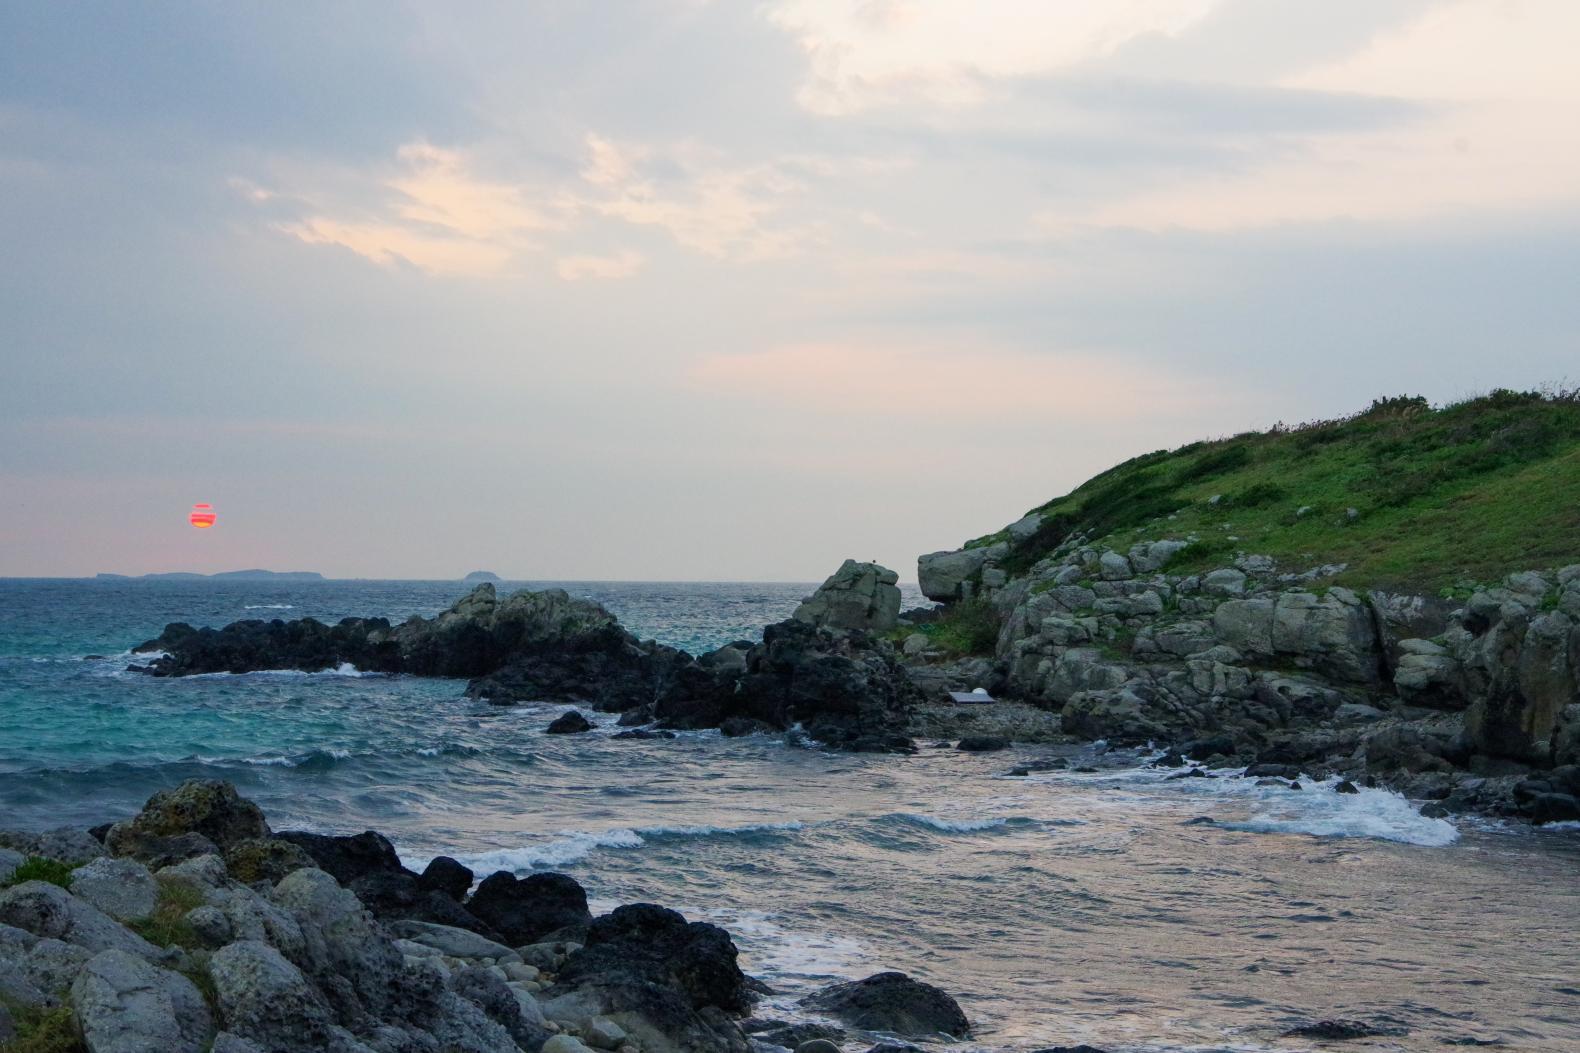 神々しい輝きに感動!!「乙島の浜」から望む朝日-1